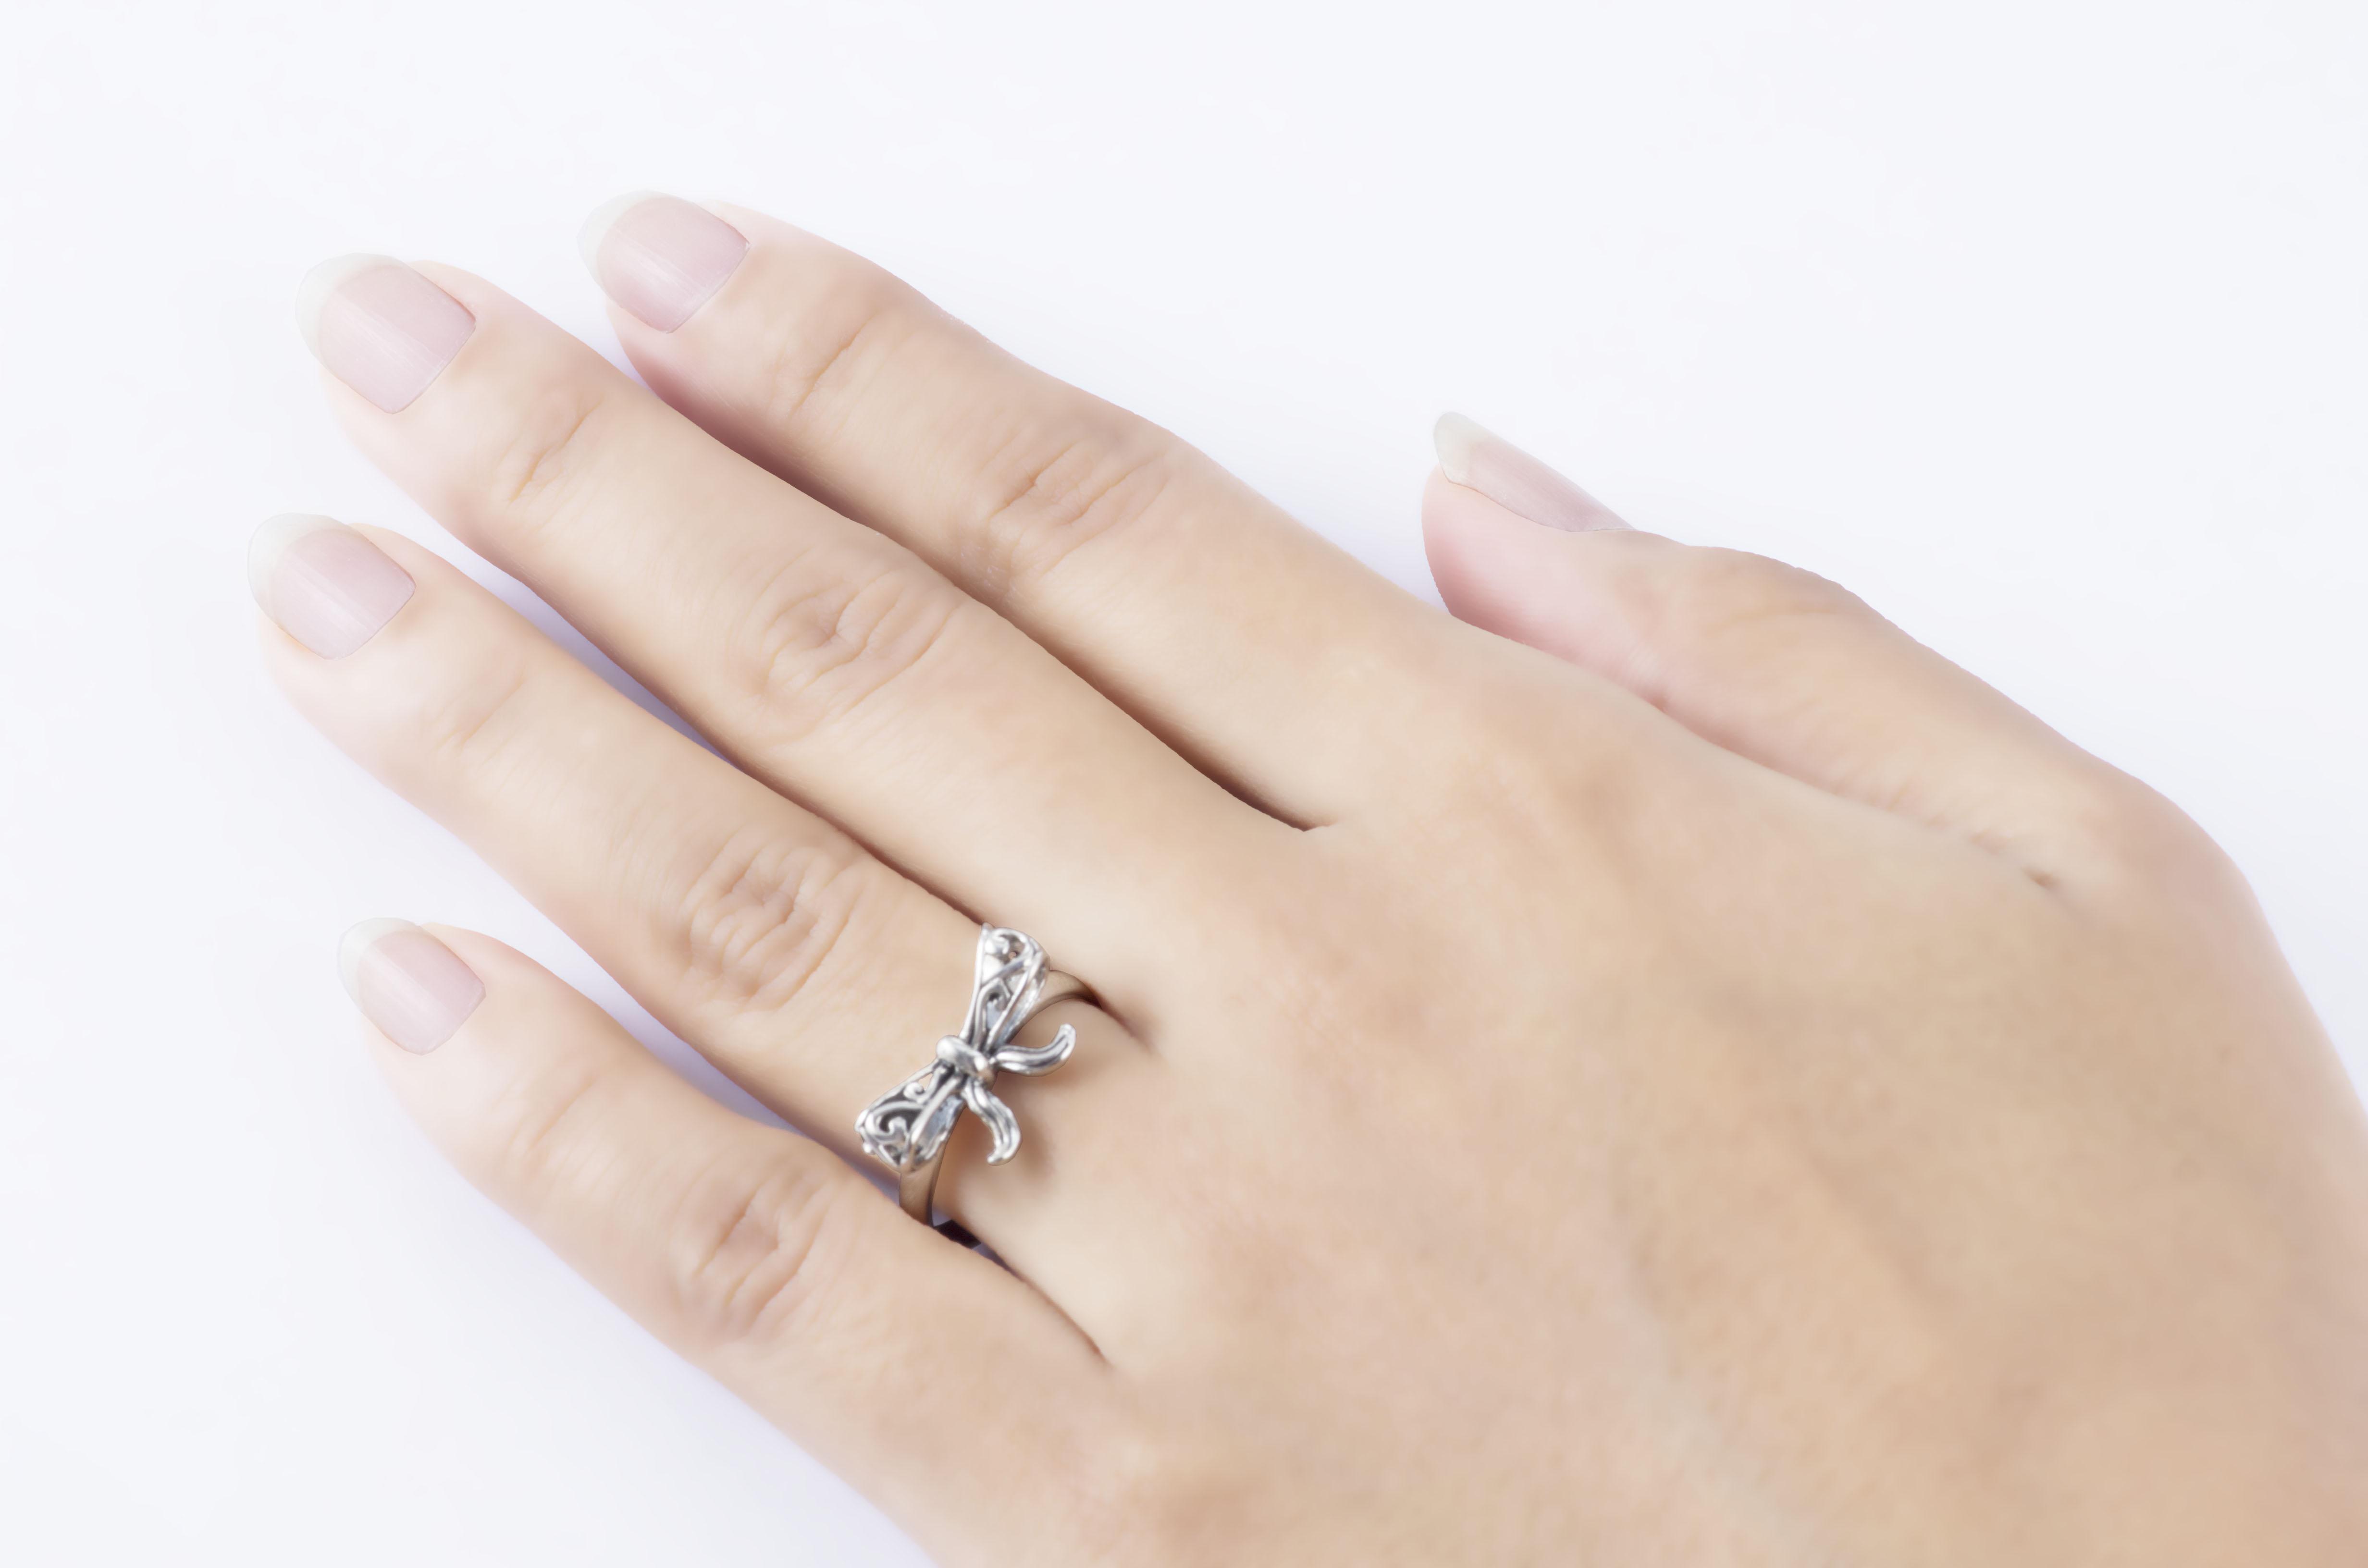 KS036-finger